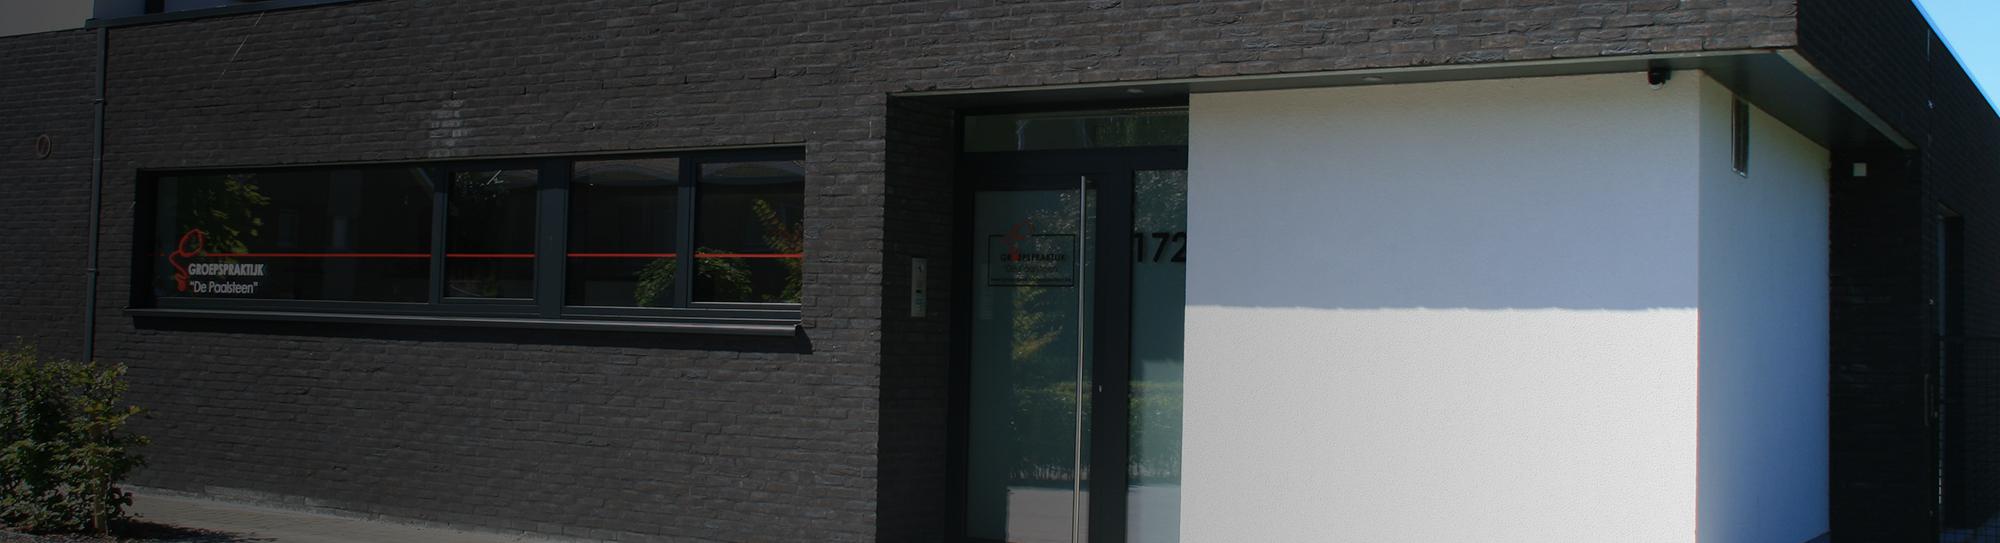 <span>Groepspraktijk<br /> De Paalsteen </span><br/>Huisartsen te Hasselt